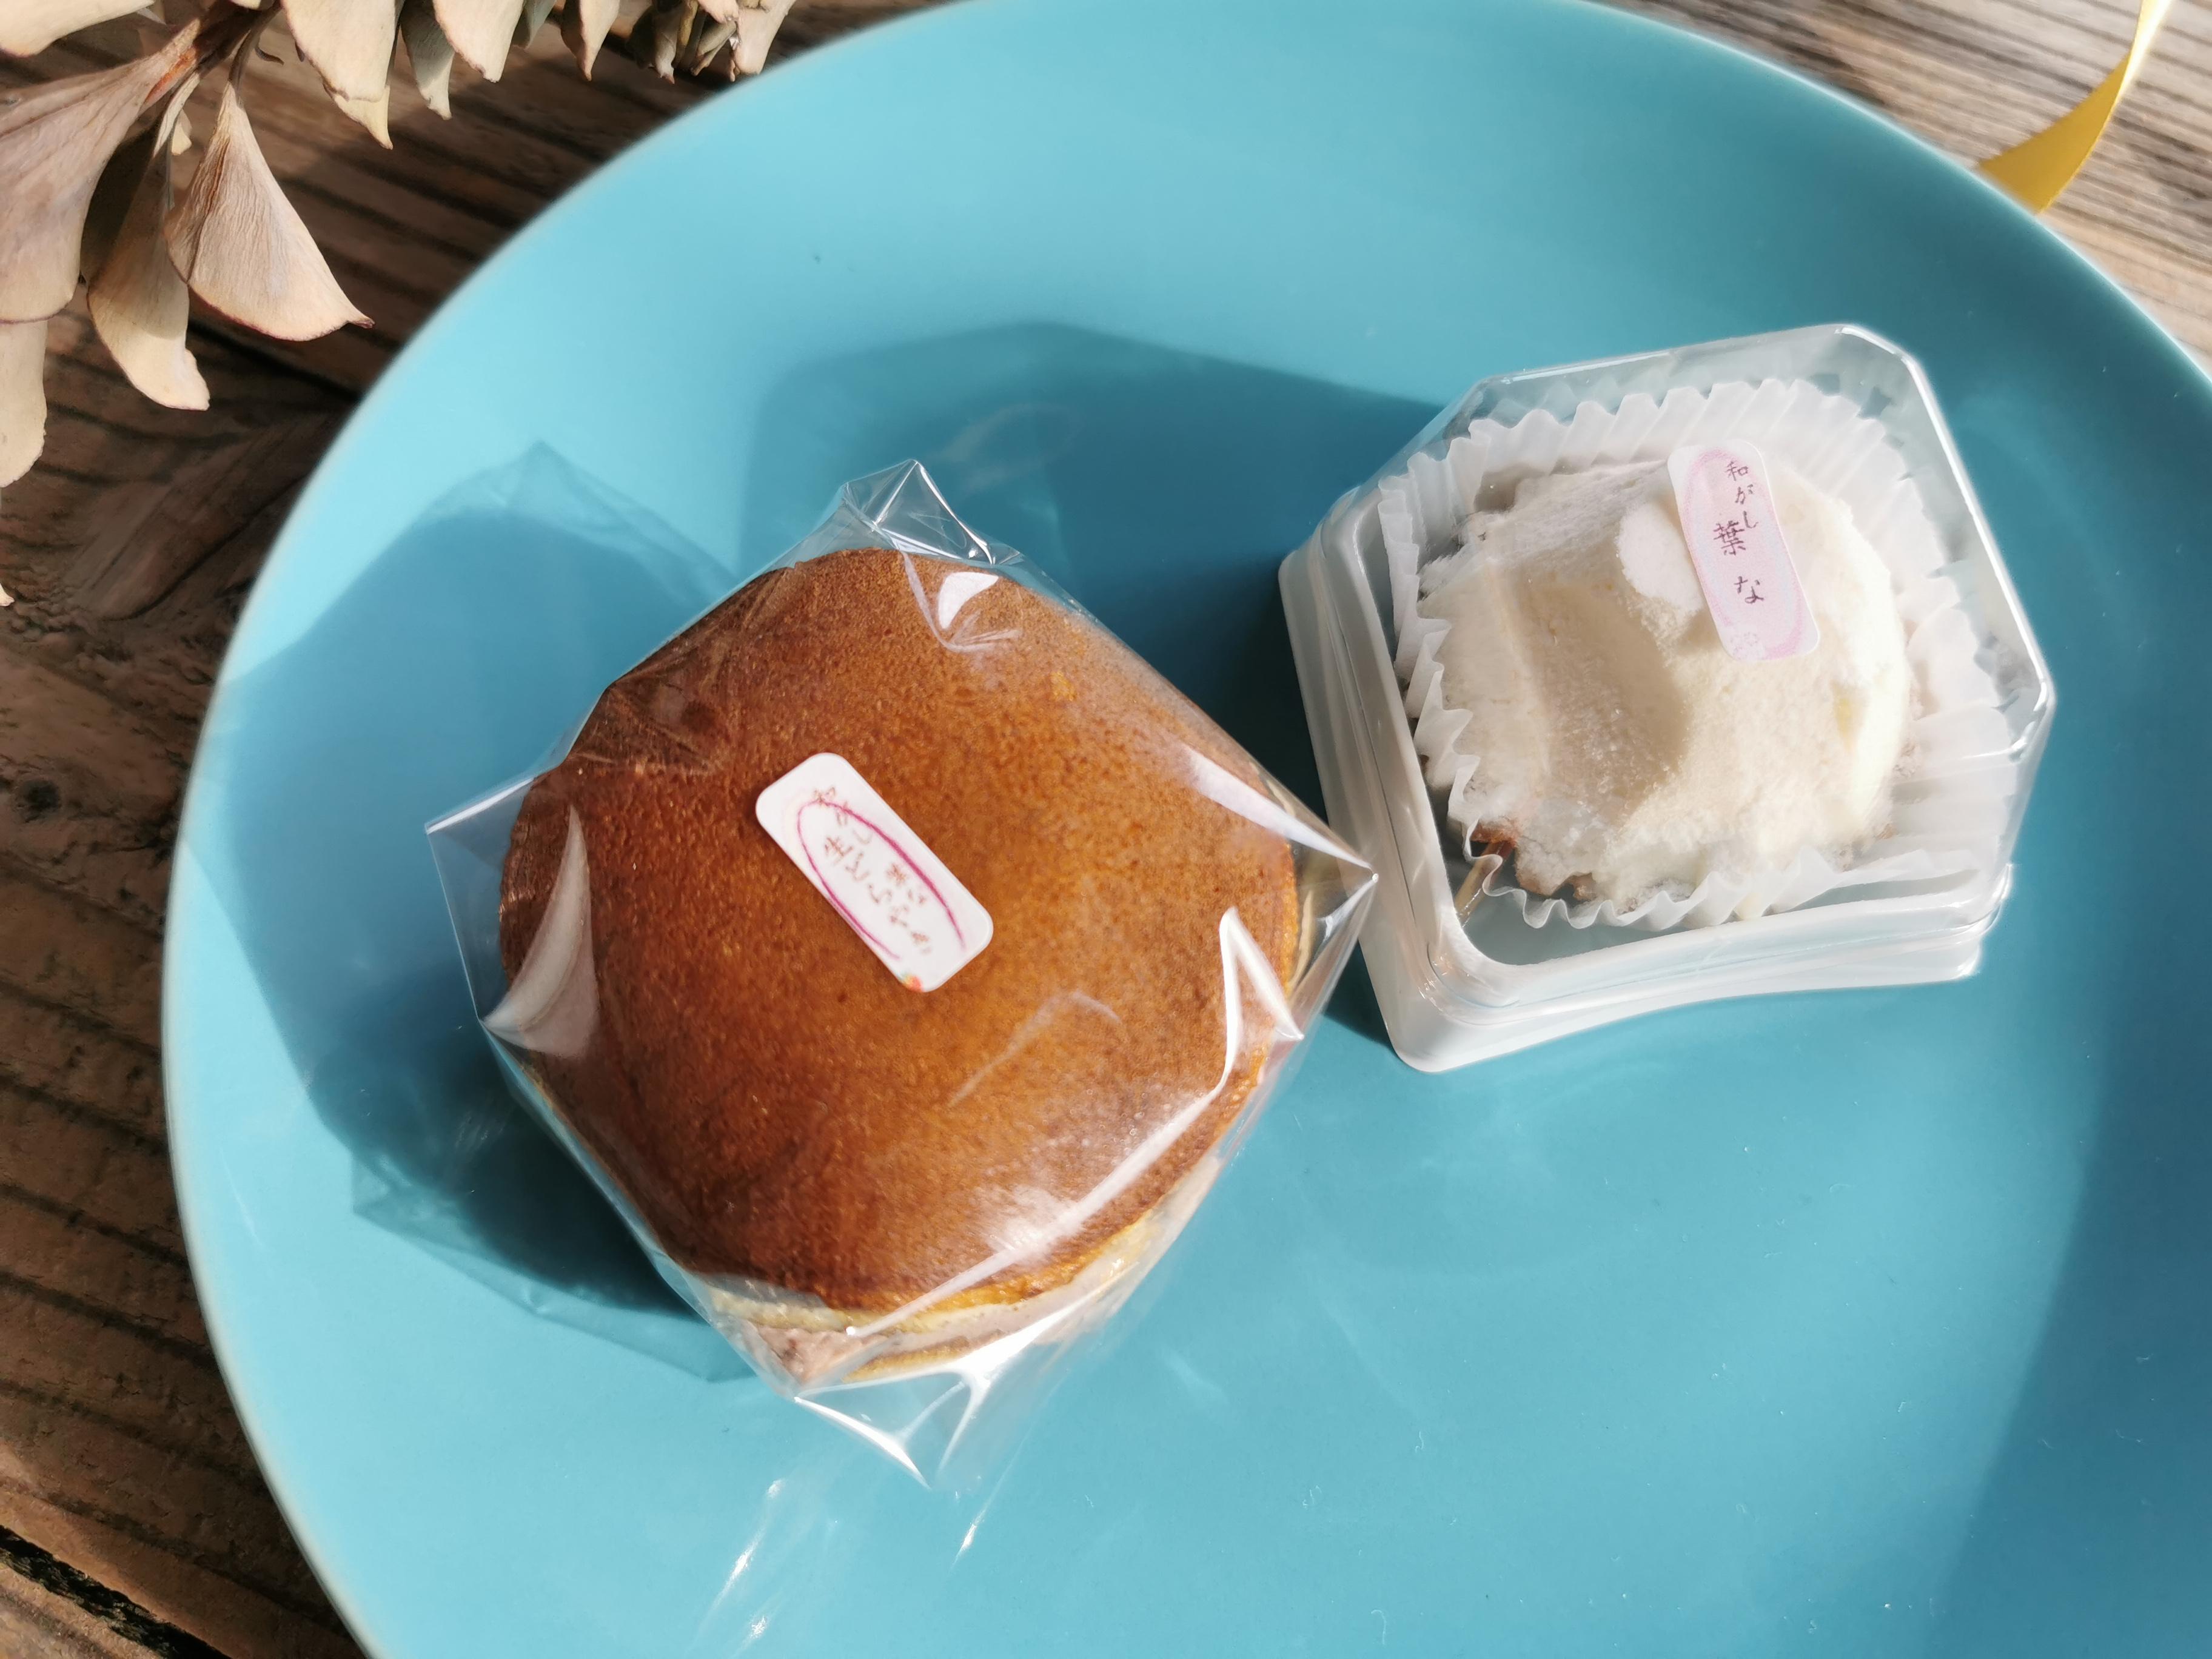 【葉山】和がし 菜な@手のひらサイズの絶品生どら焼き。手土産にも喜ばれそう。